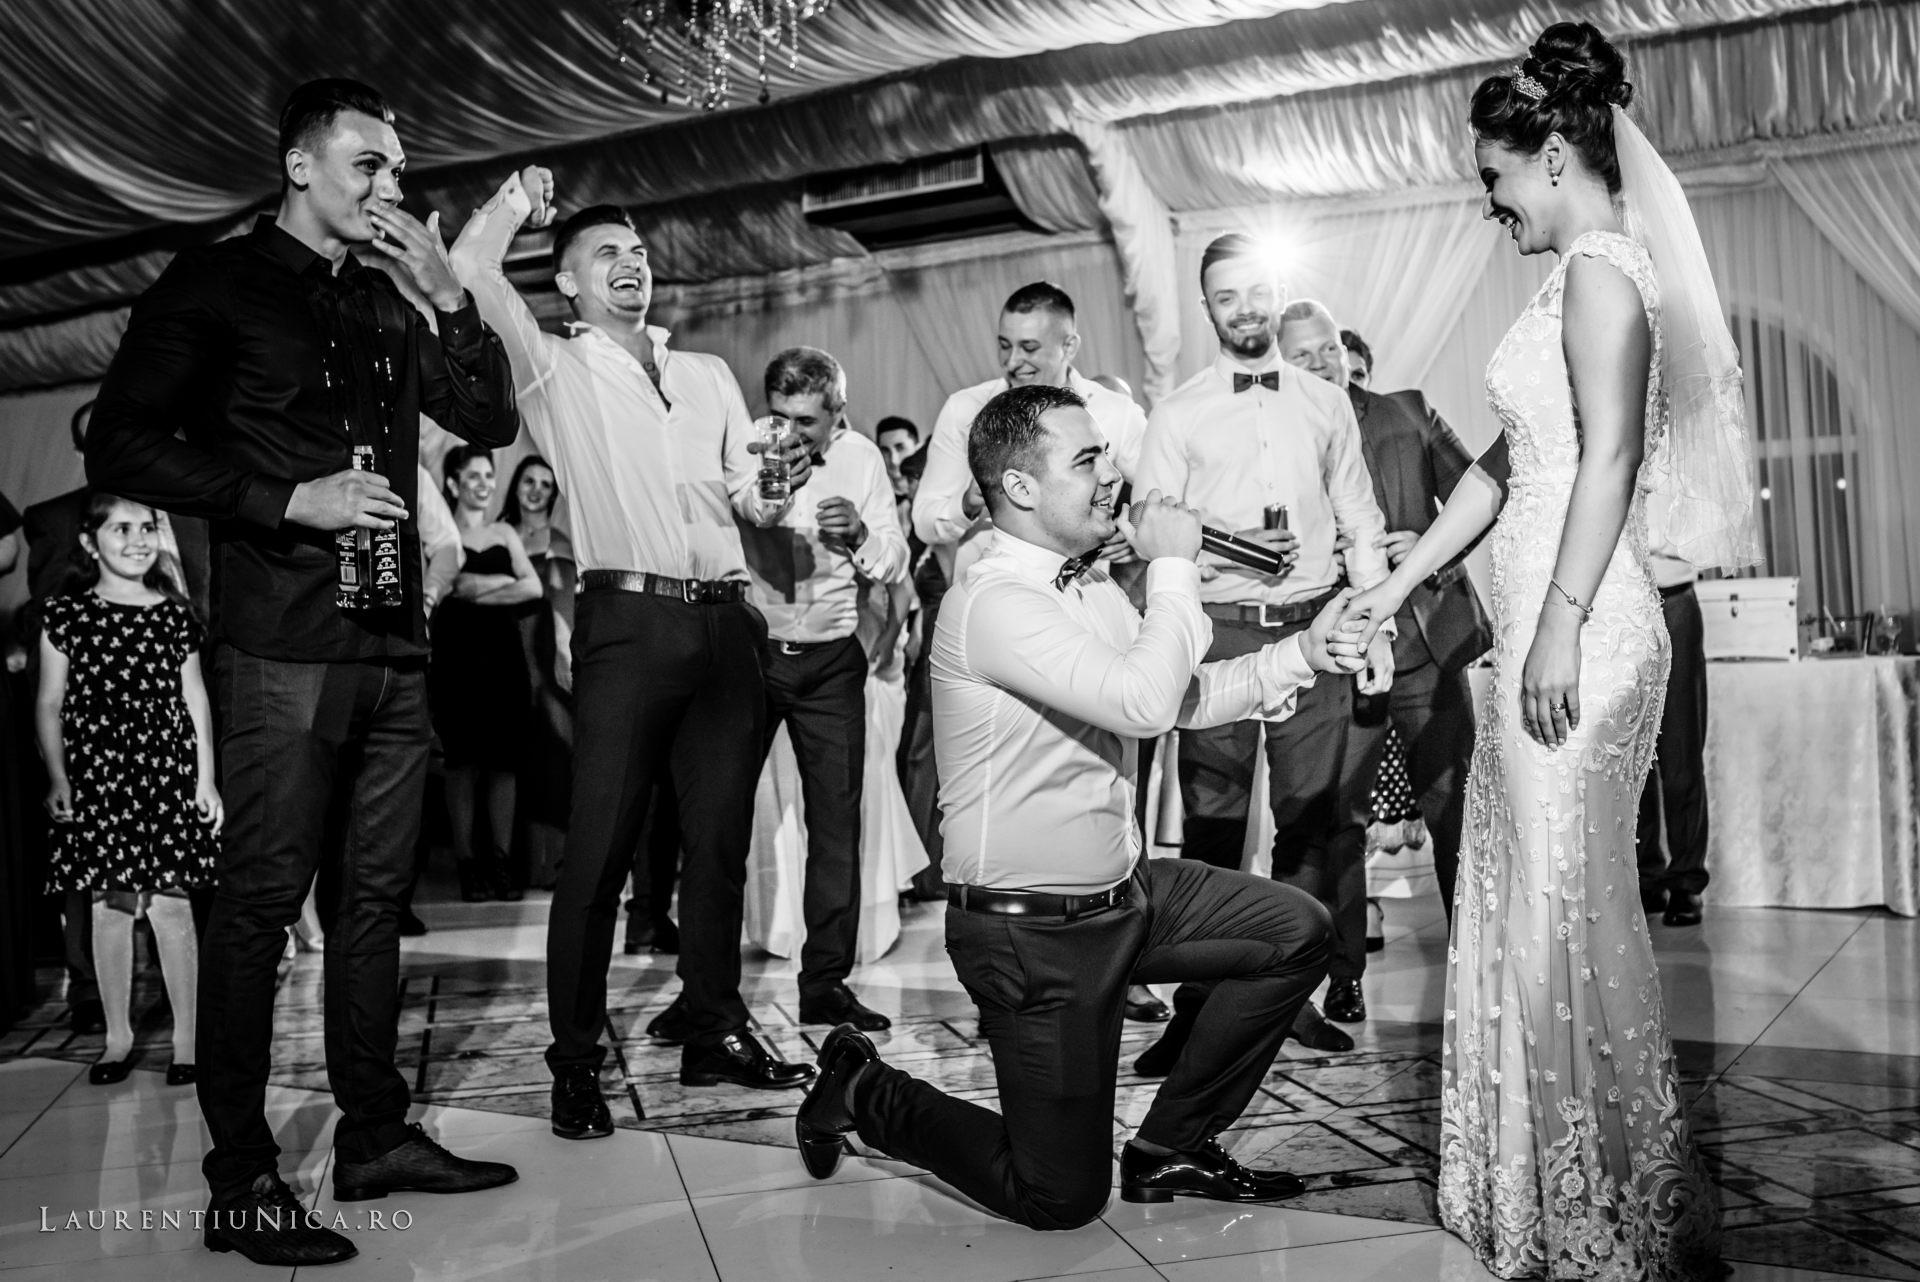 denisa si catalin fotograf nunta laurentiu nica craiova 83 - Denisa si Catalin | Fotografii nunta | Craiova